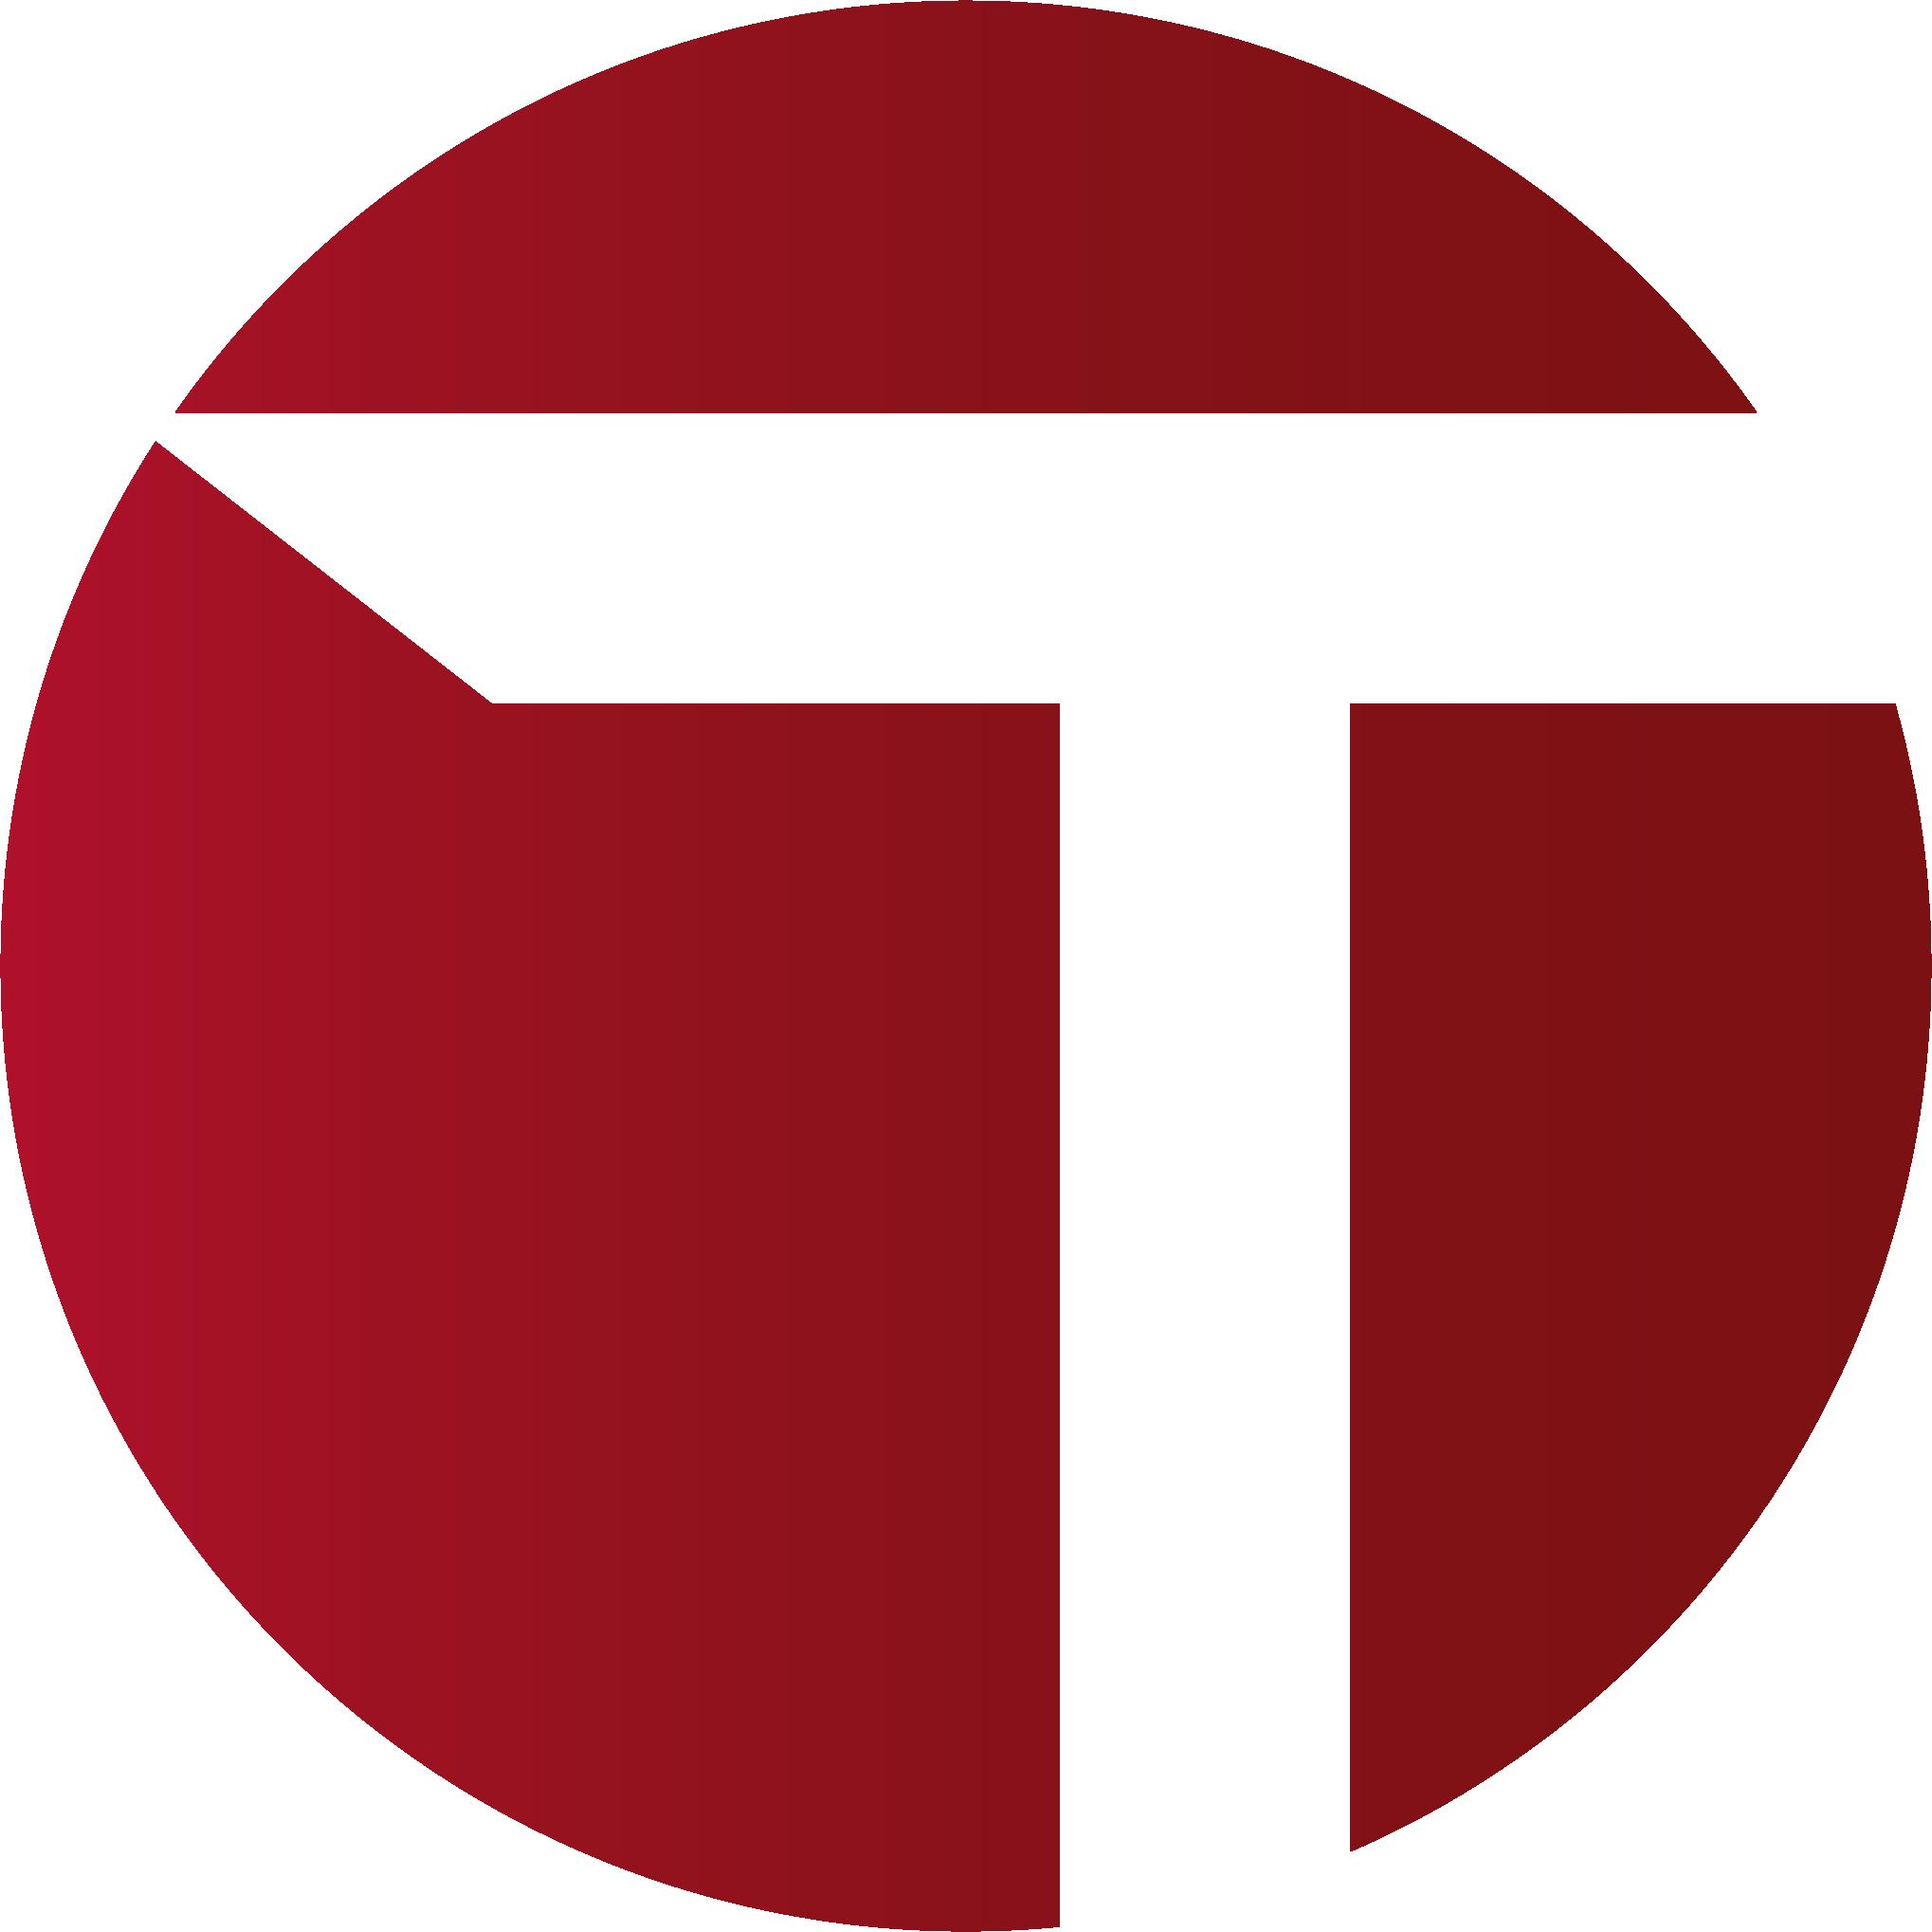 Transupport